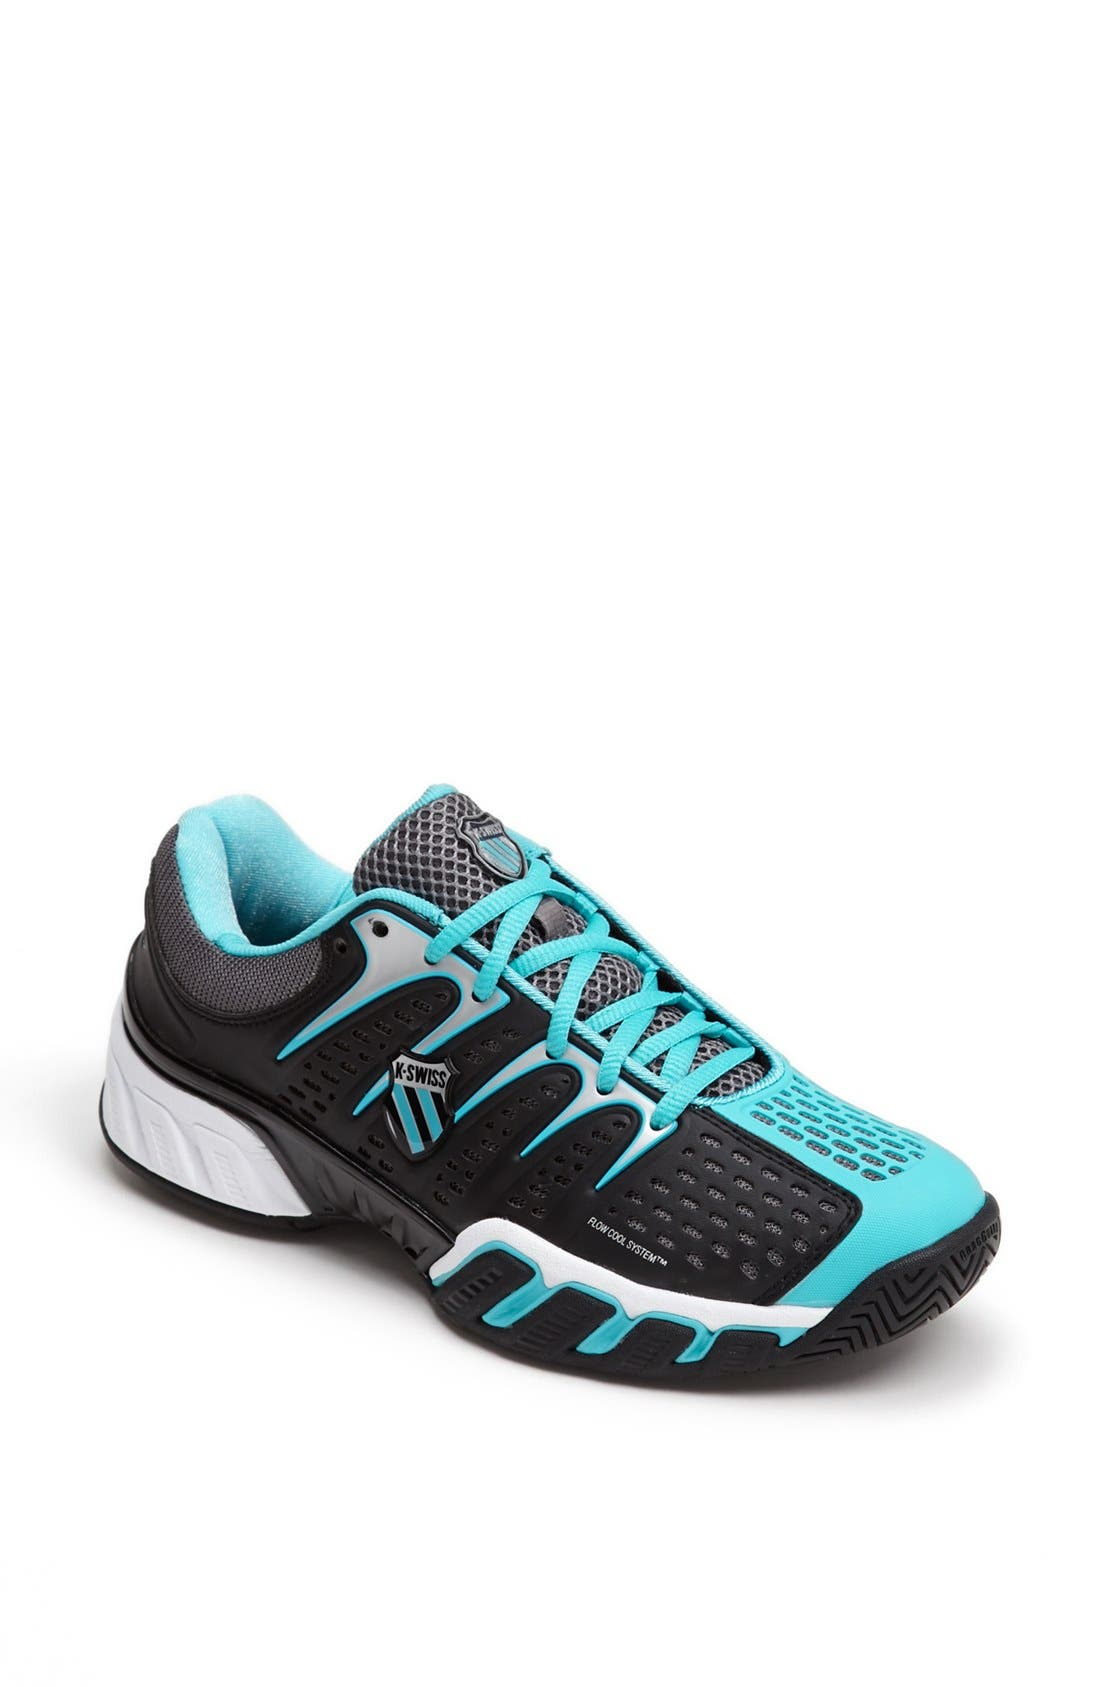 Main Image - K-Swiss 'Big Shot II' Tennis Shoe (Women)